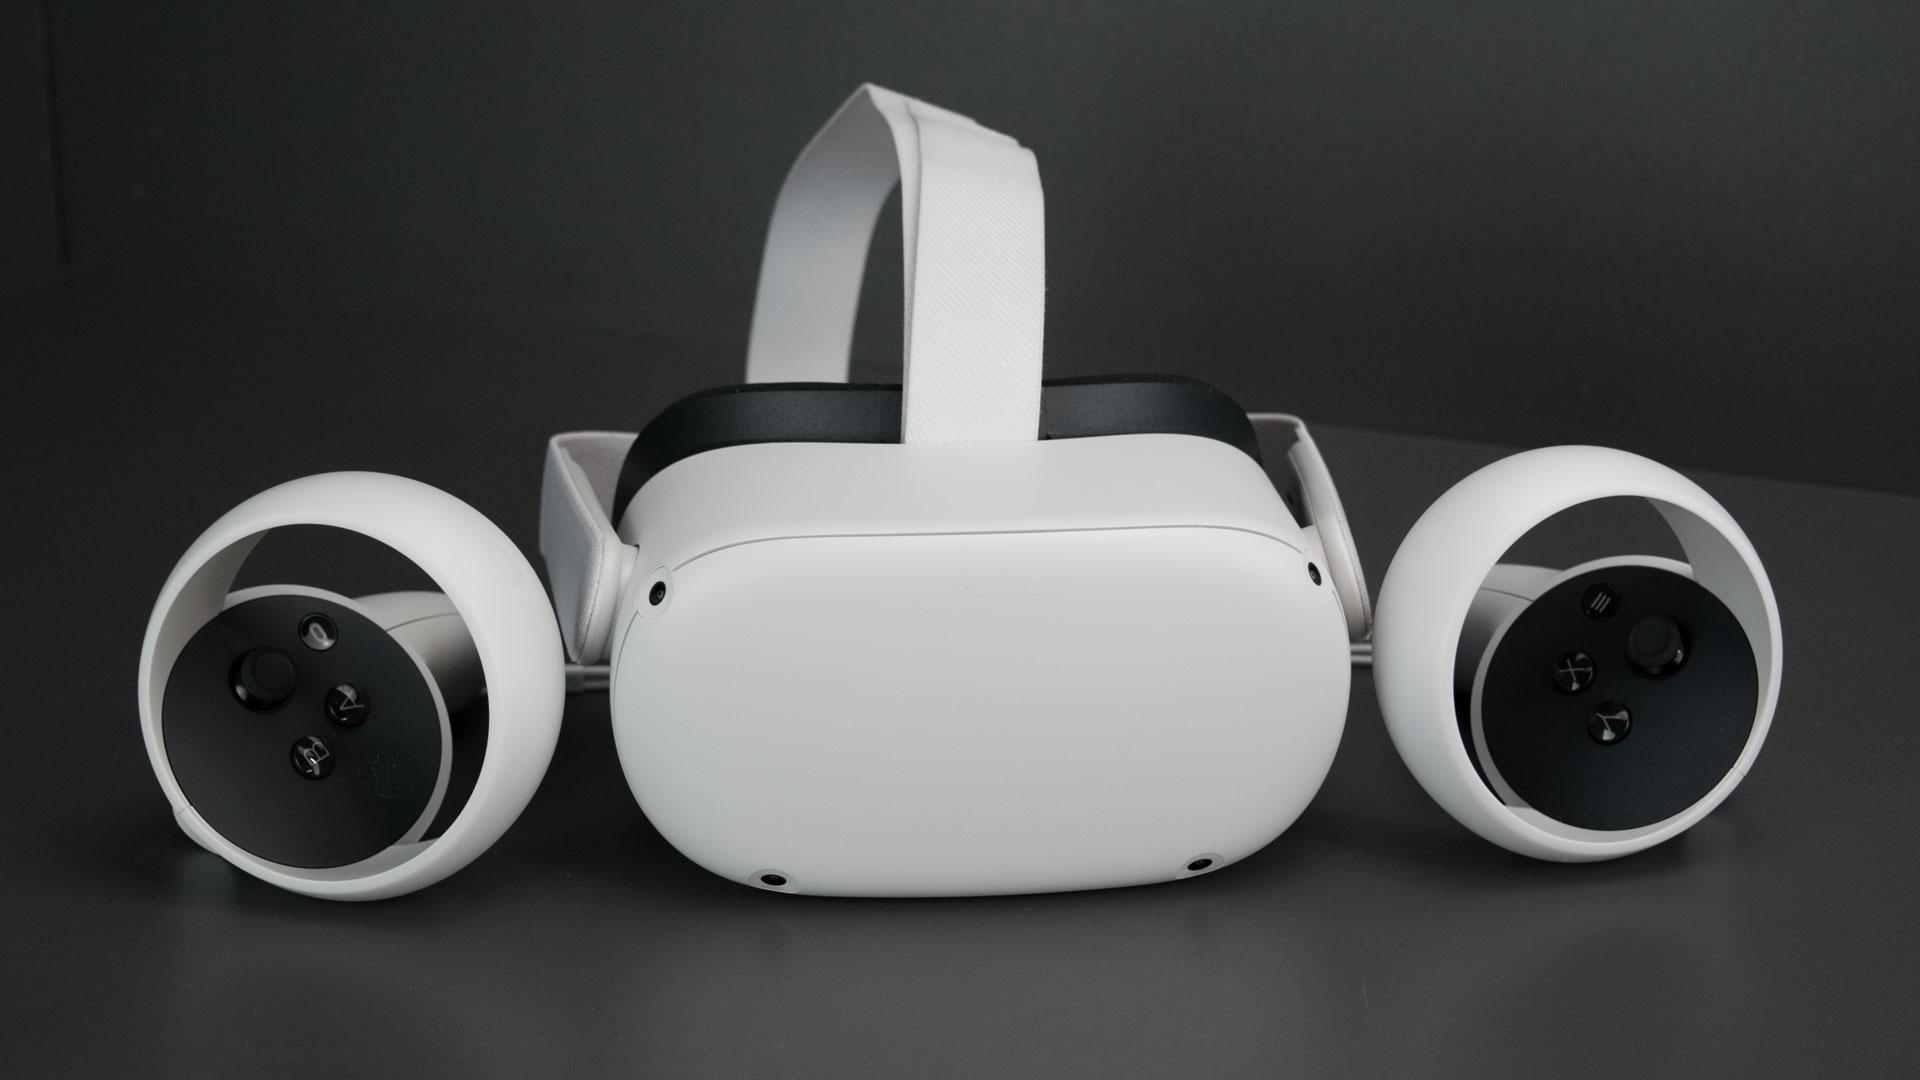 2 oculus quest